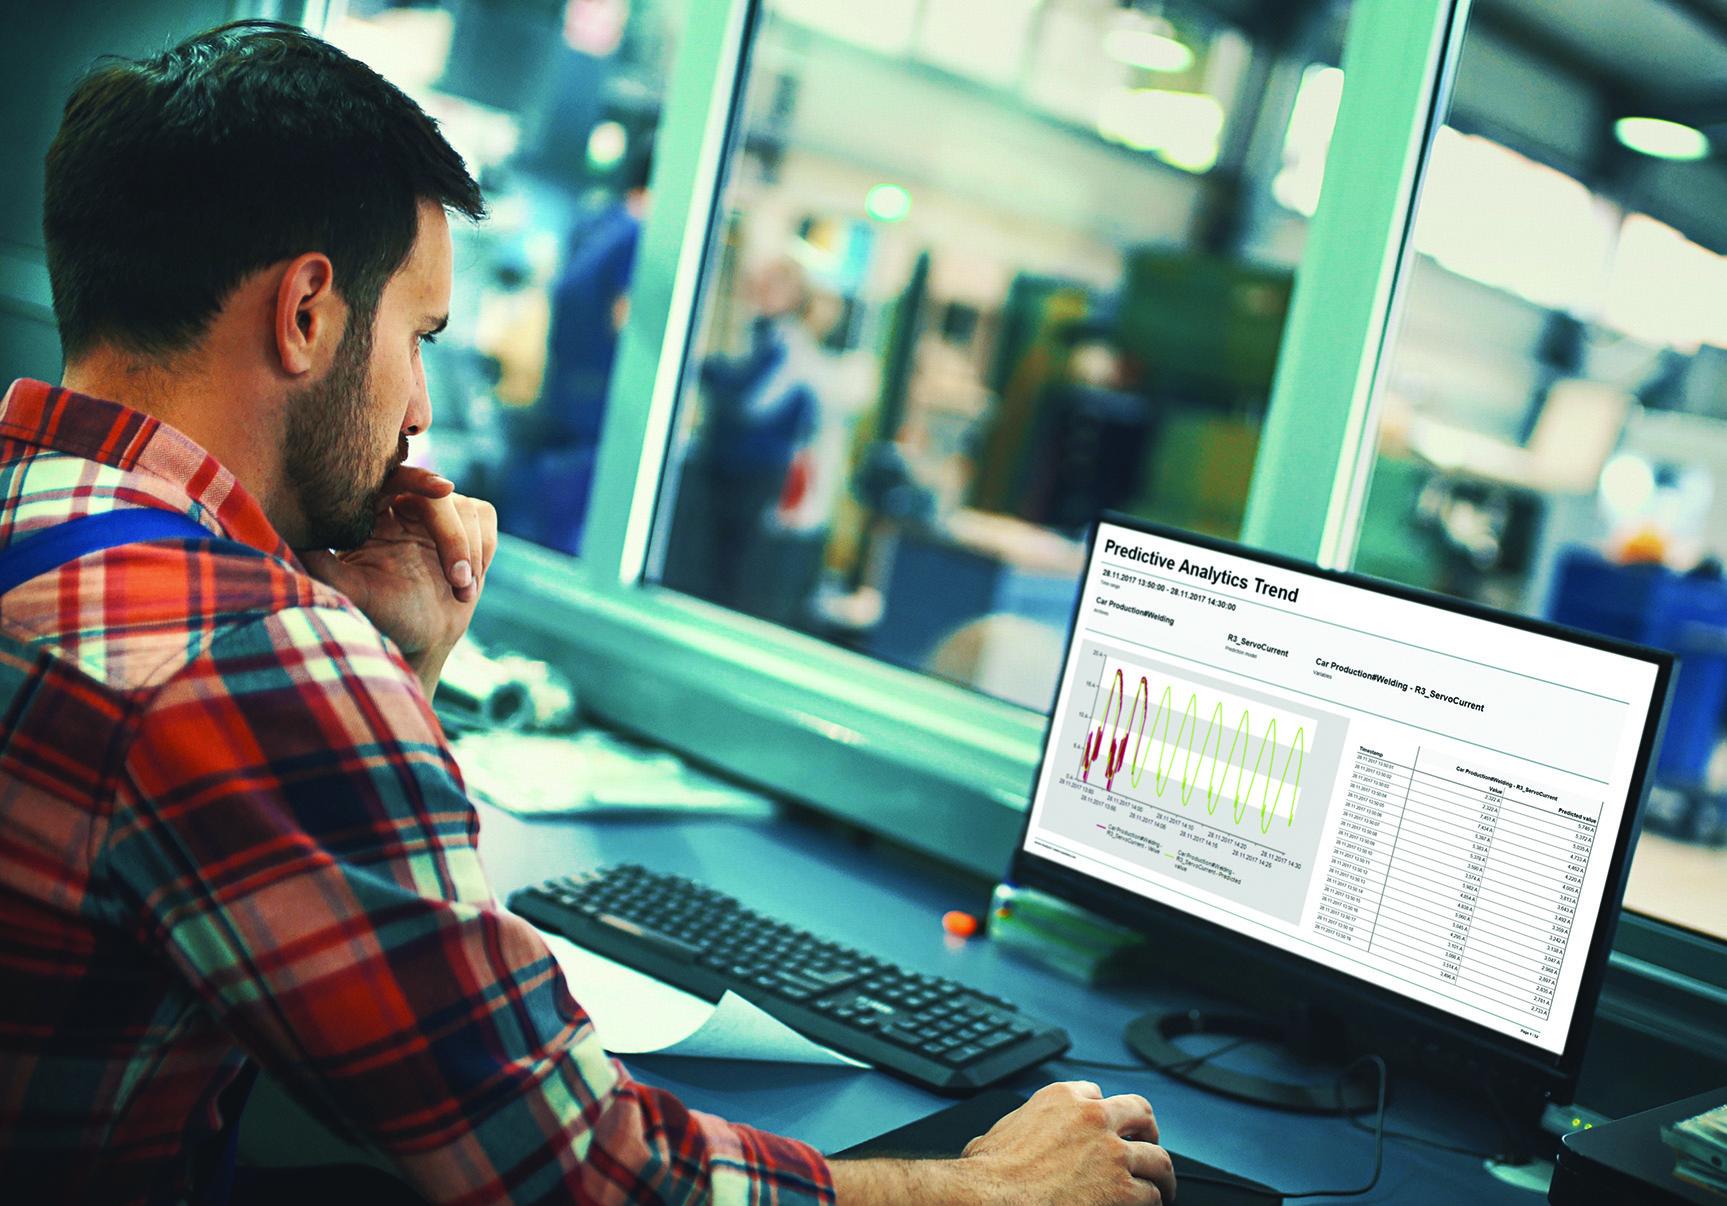 Raporty dotyczące analiz predykcyjnych dostępne w oprogramowaniu zenon Analyzer wykorzystują wartości historyczne i modele predykcyjne, pozwalając podmiotom działającym w przemyśle wytwórczym podejmować lepsze decyzje.